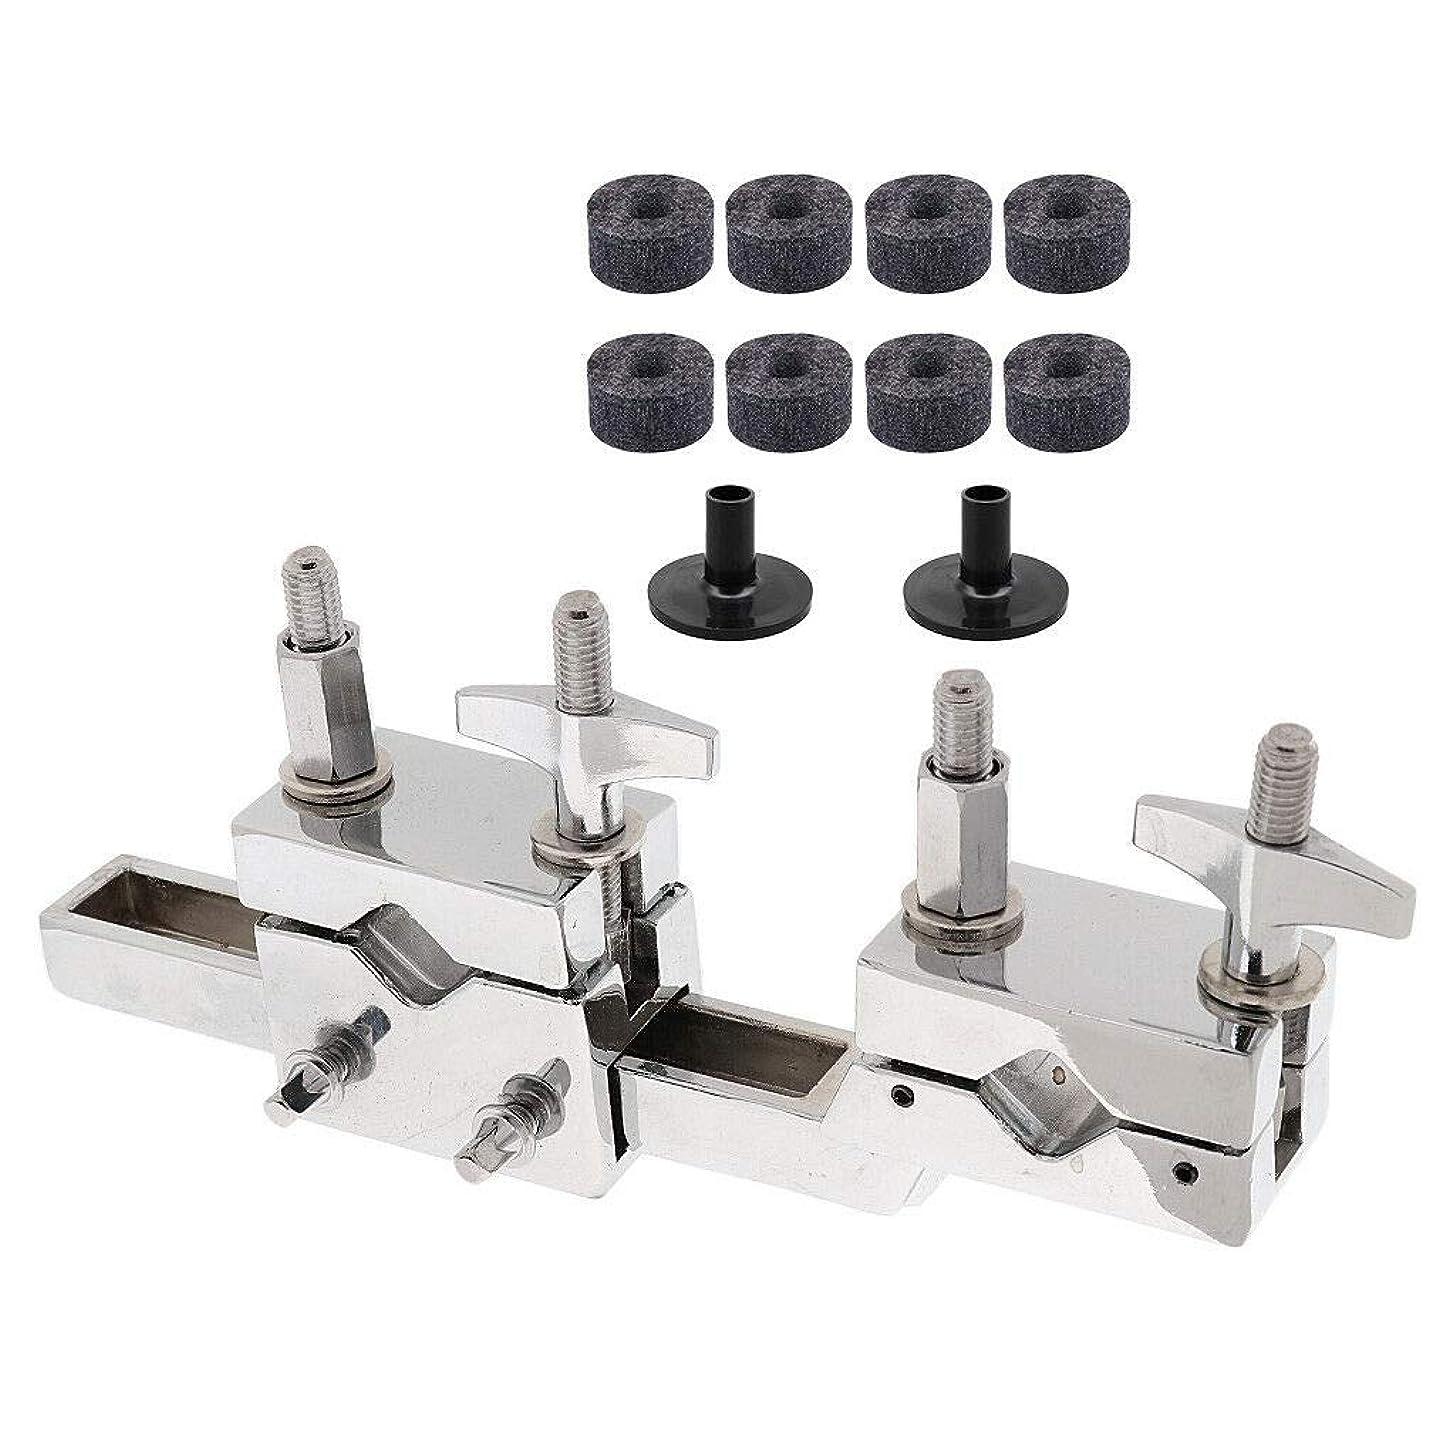 FidgetKute 8Pcs Drum Felt Washers+2Pcs Cymbal Sleeve with Multi Clamp Mount Holder Set